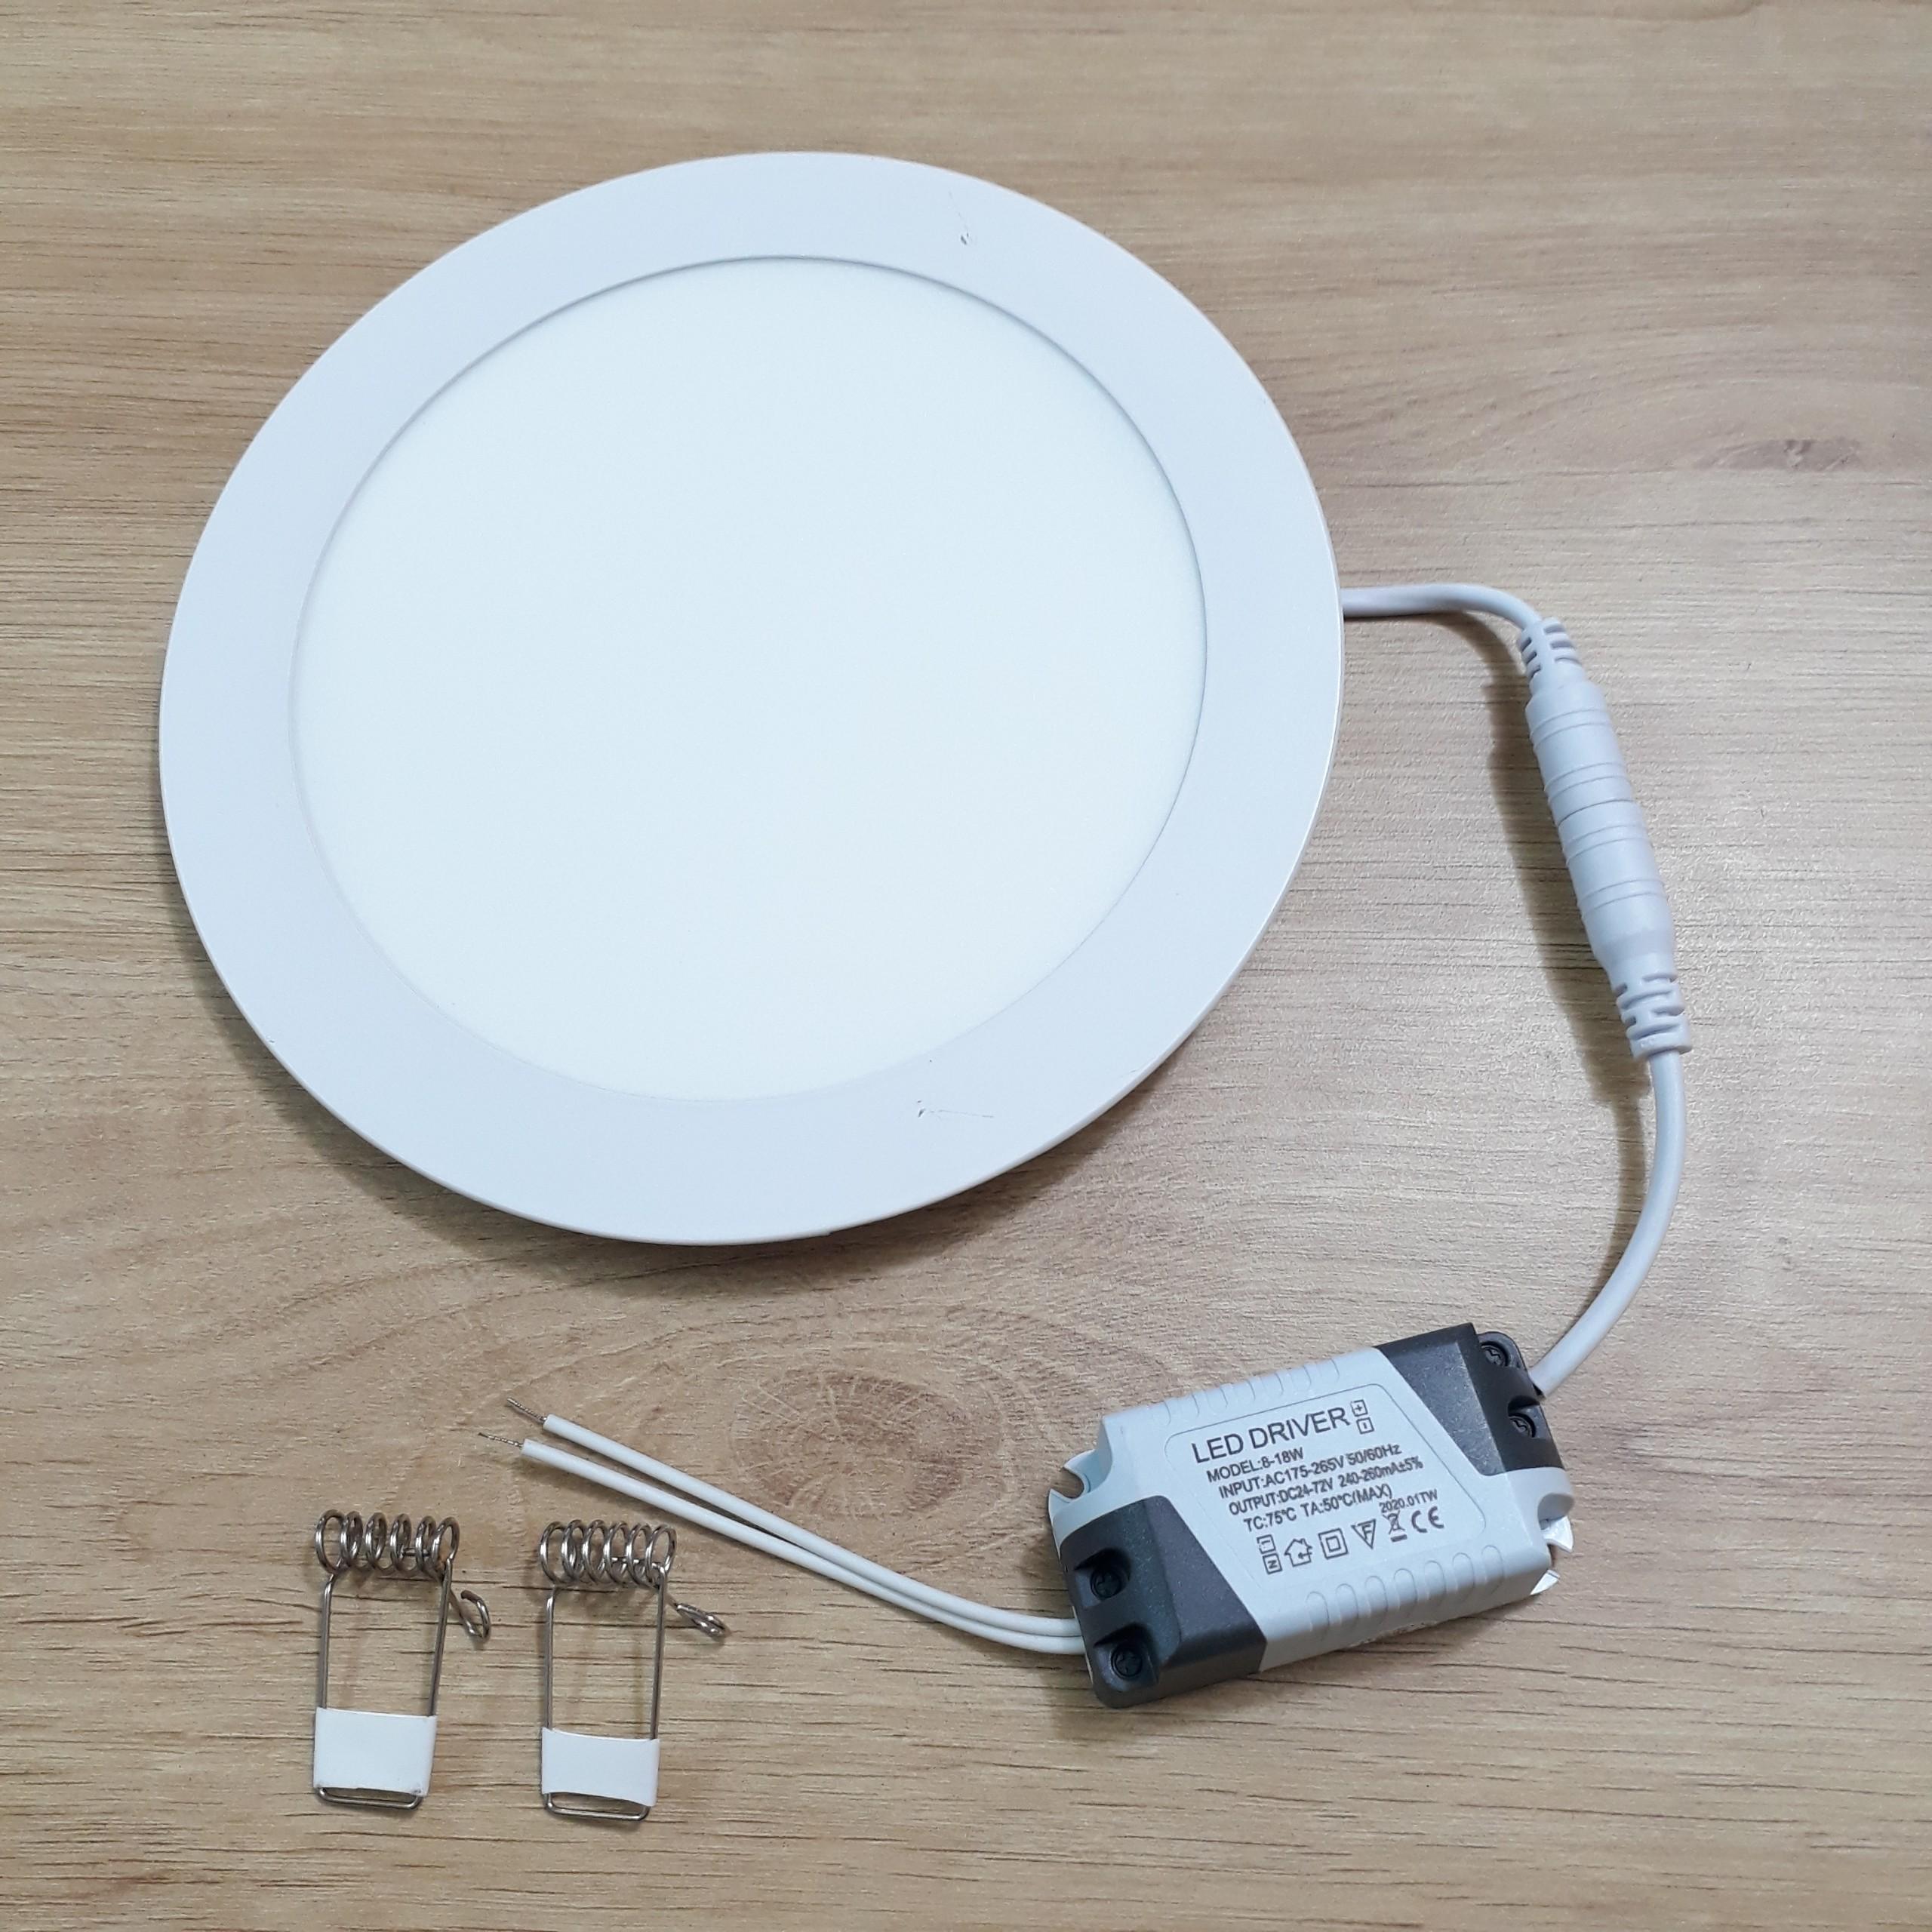 Led âm trần 12W ánh sáng trắng  China   Giá rẻ nhất - Công Ty TNHH Thương Mại Dịch Vụ Đạt Tâm